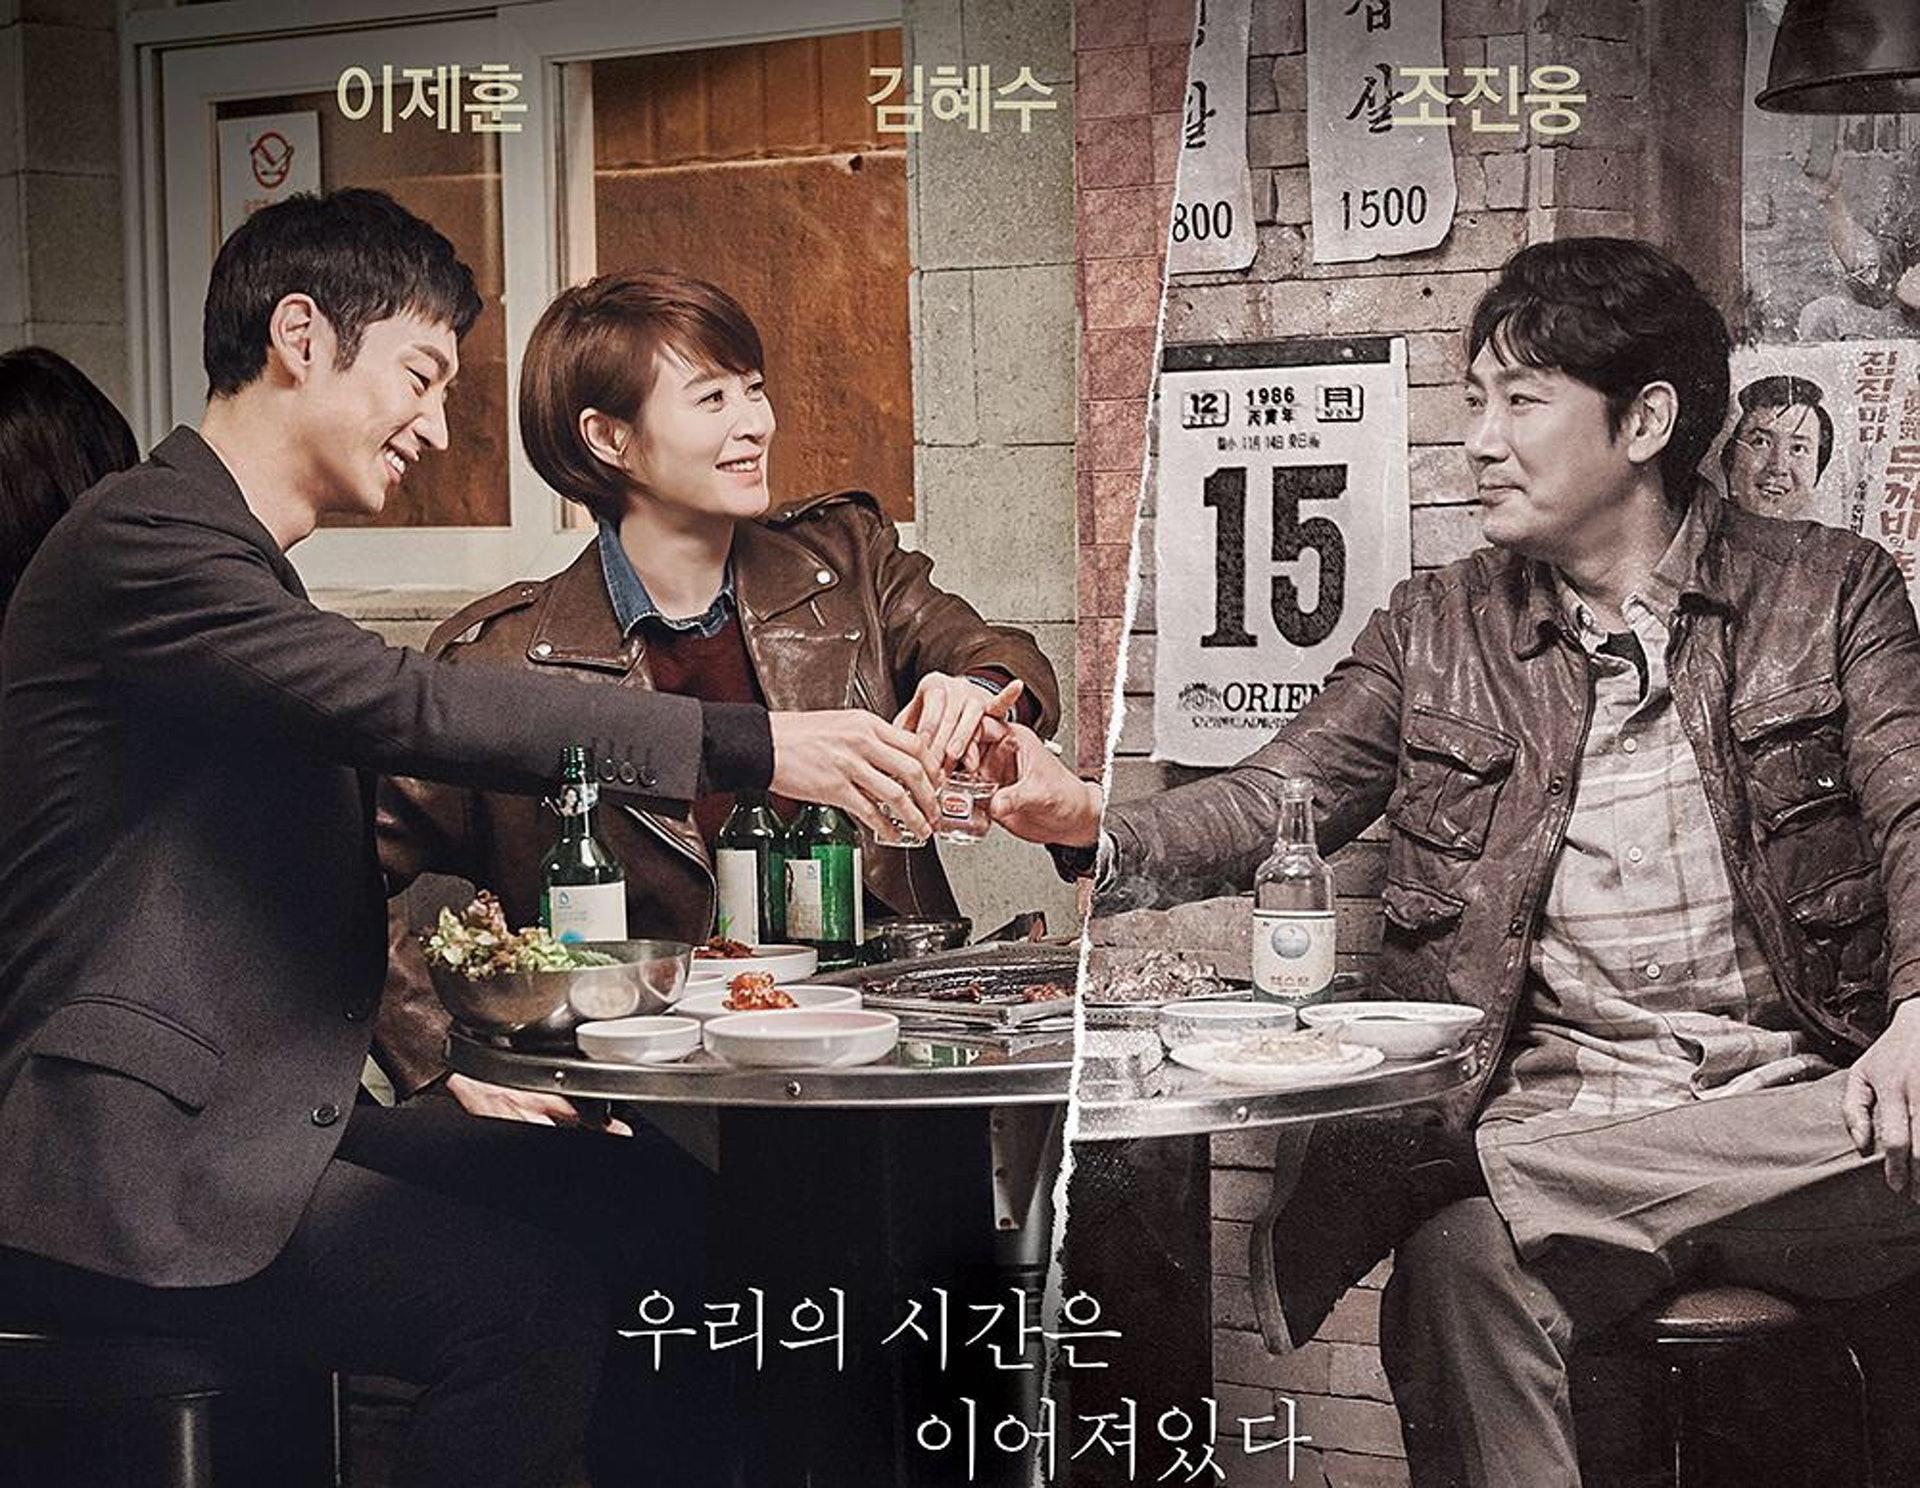 韓劇《Signal》成為近年最好睇的推理劇之一。(網上圖片)